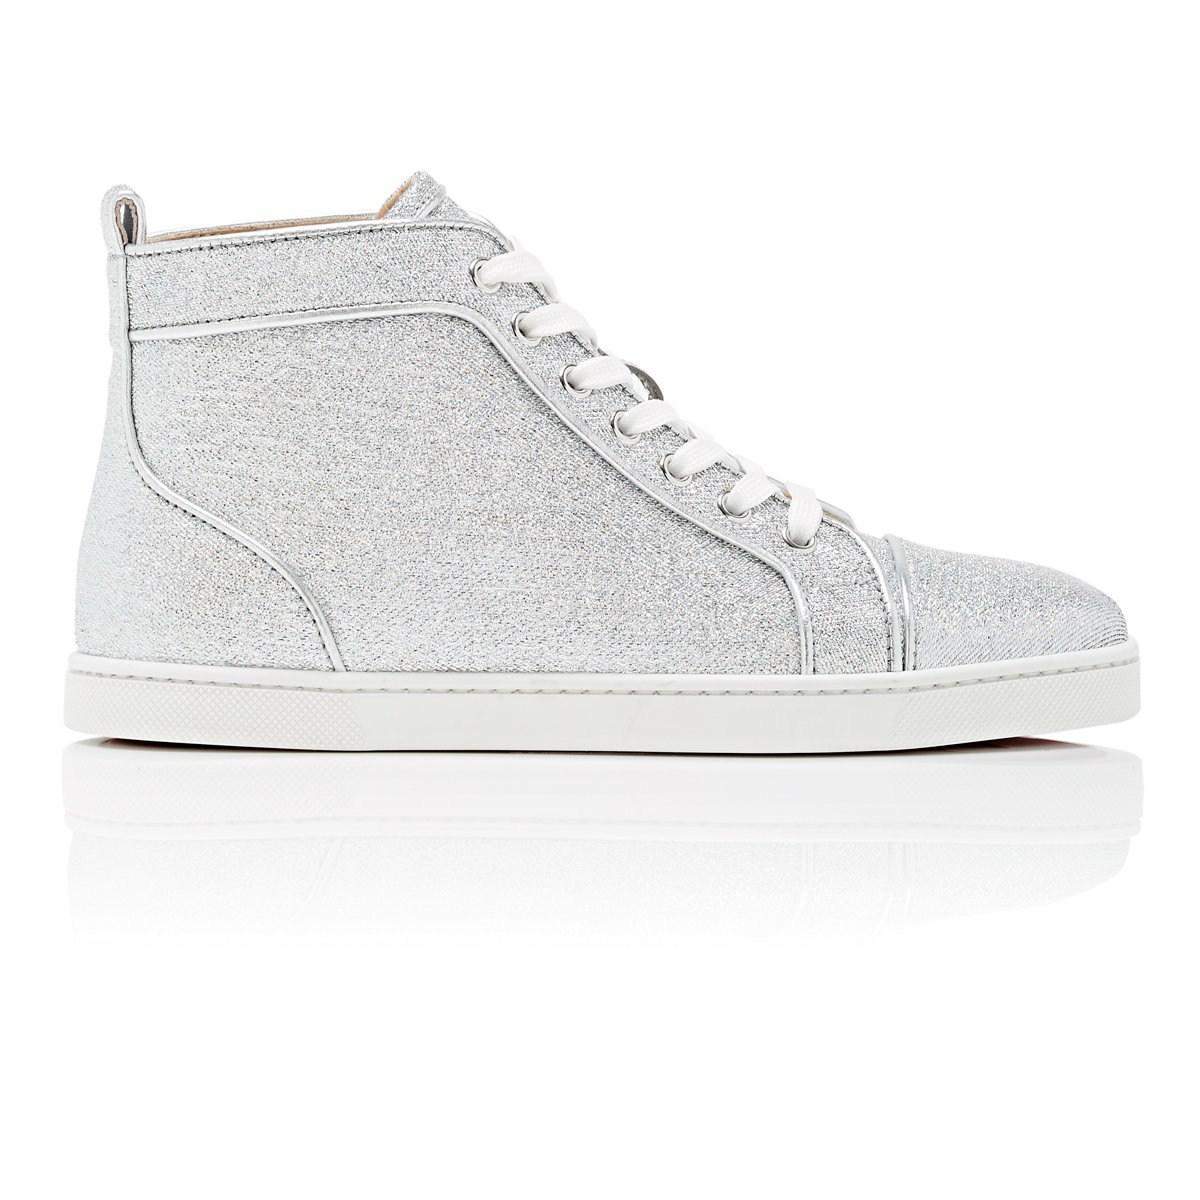 a6ae18ccded0 Christian Louboutin Bip Bip Woman Orlato Flat Sneakers in Metallic ...